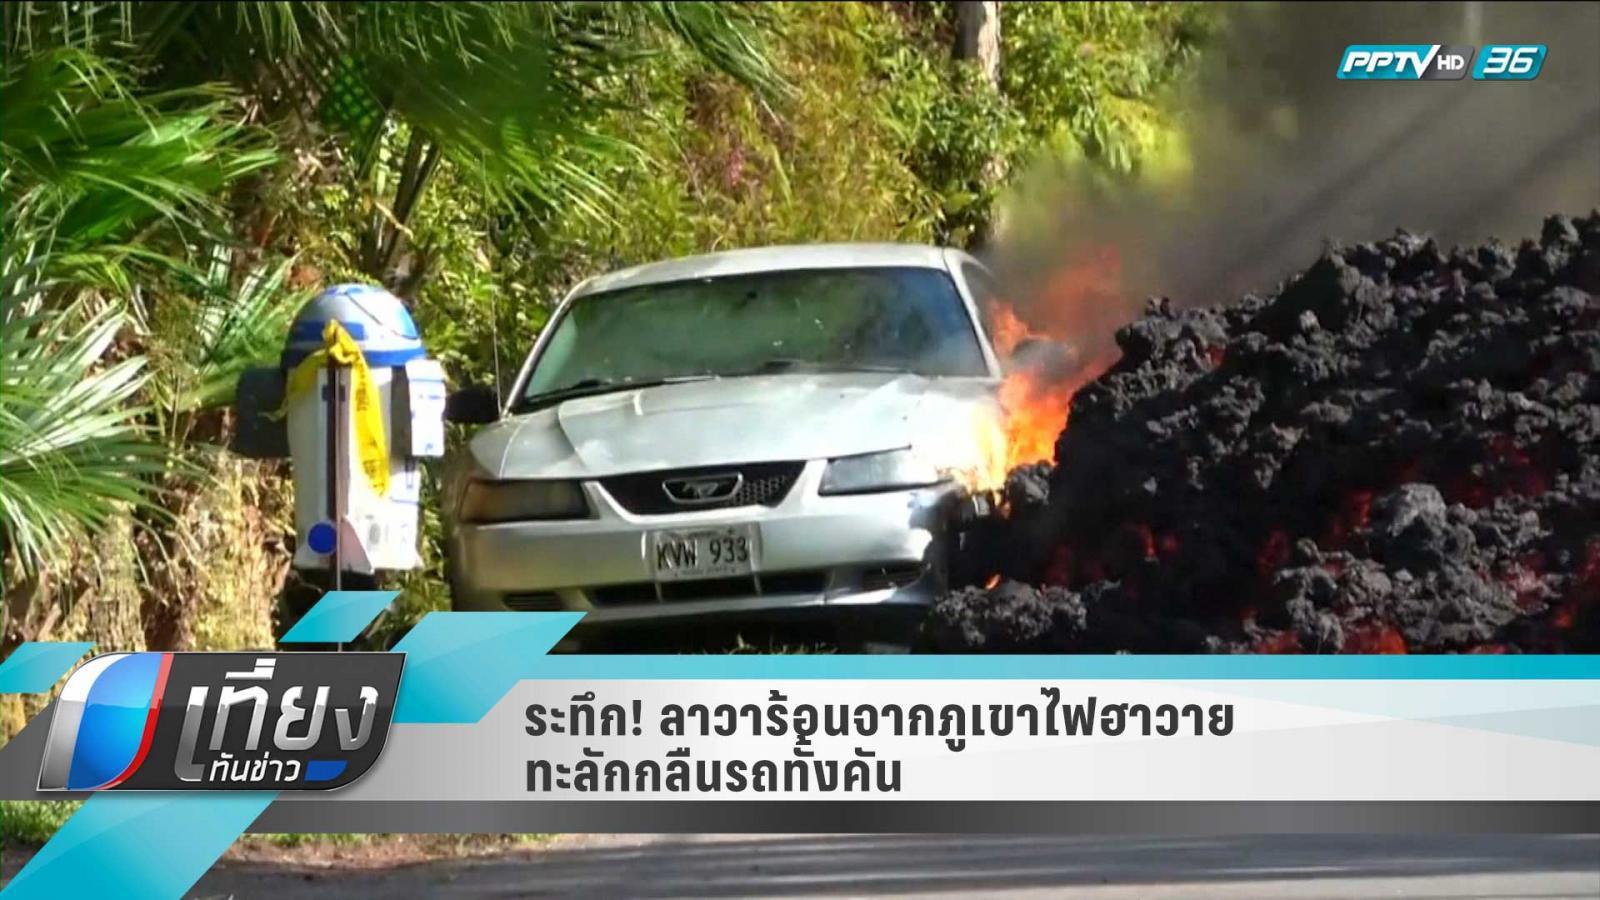 ระทึก!! ลาวาร้อนจากภูเขาไฟฮาวายไหลทะลักกลืนรถทั้งคัน